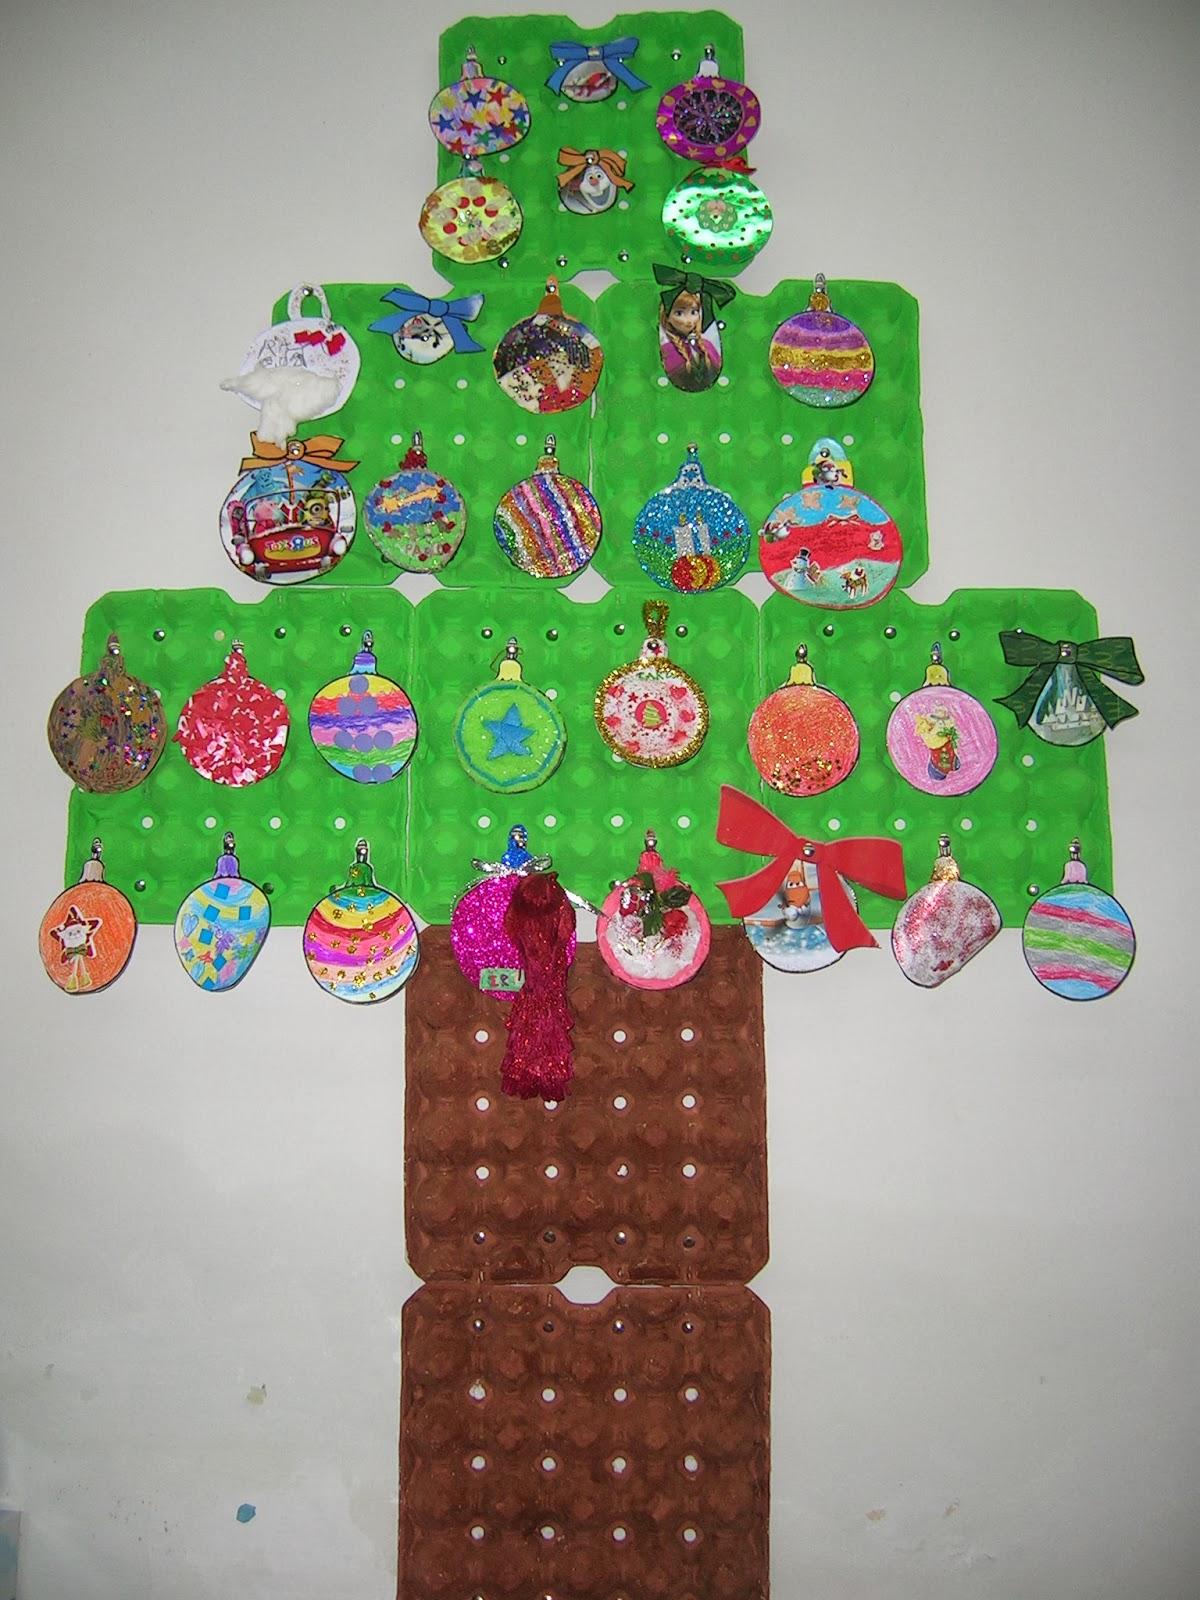 Trabajando en educaci n infantil rboles de navidad 2 - Arbol de navidad infantil ...